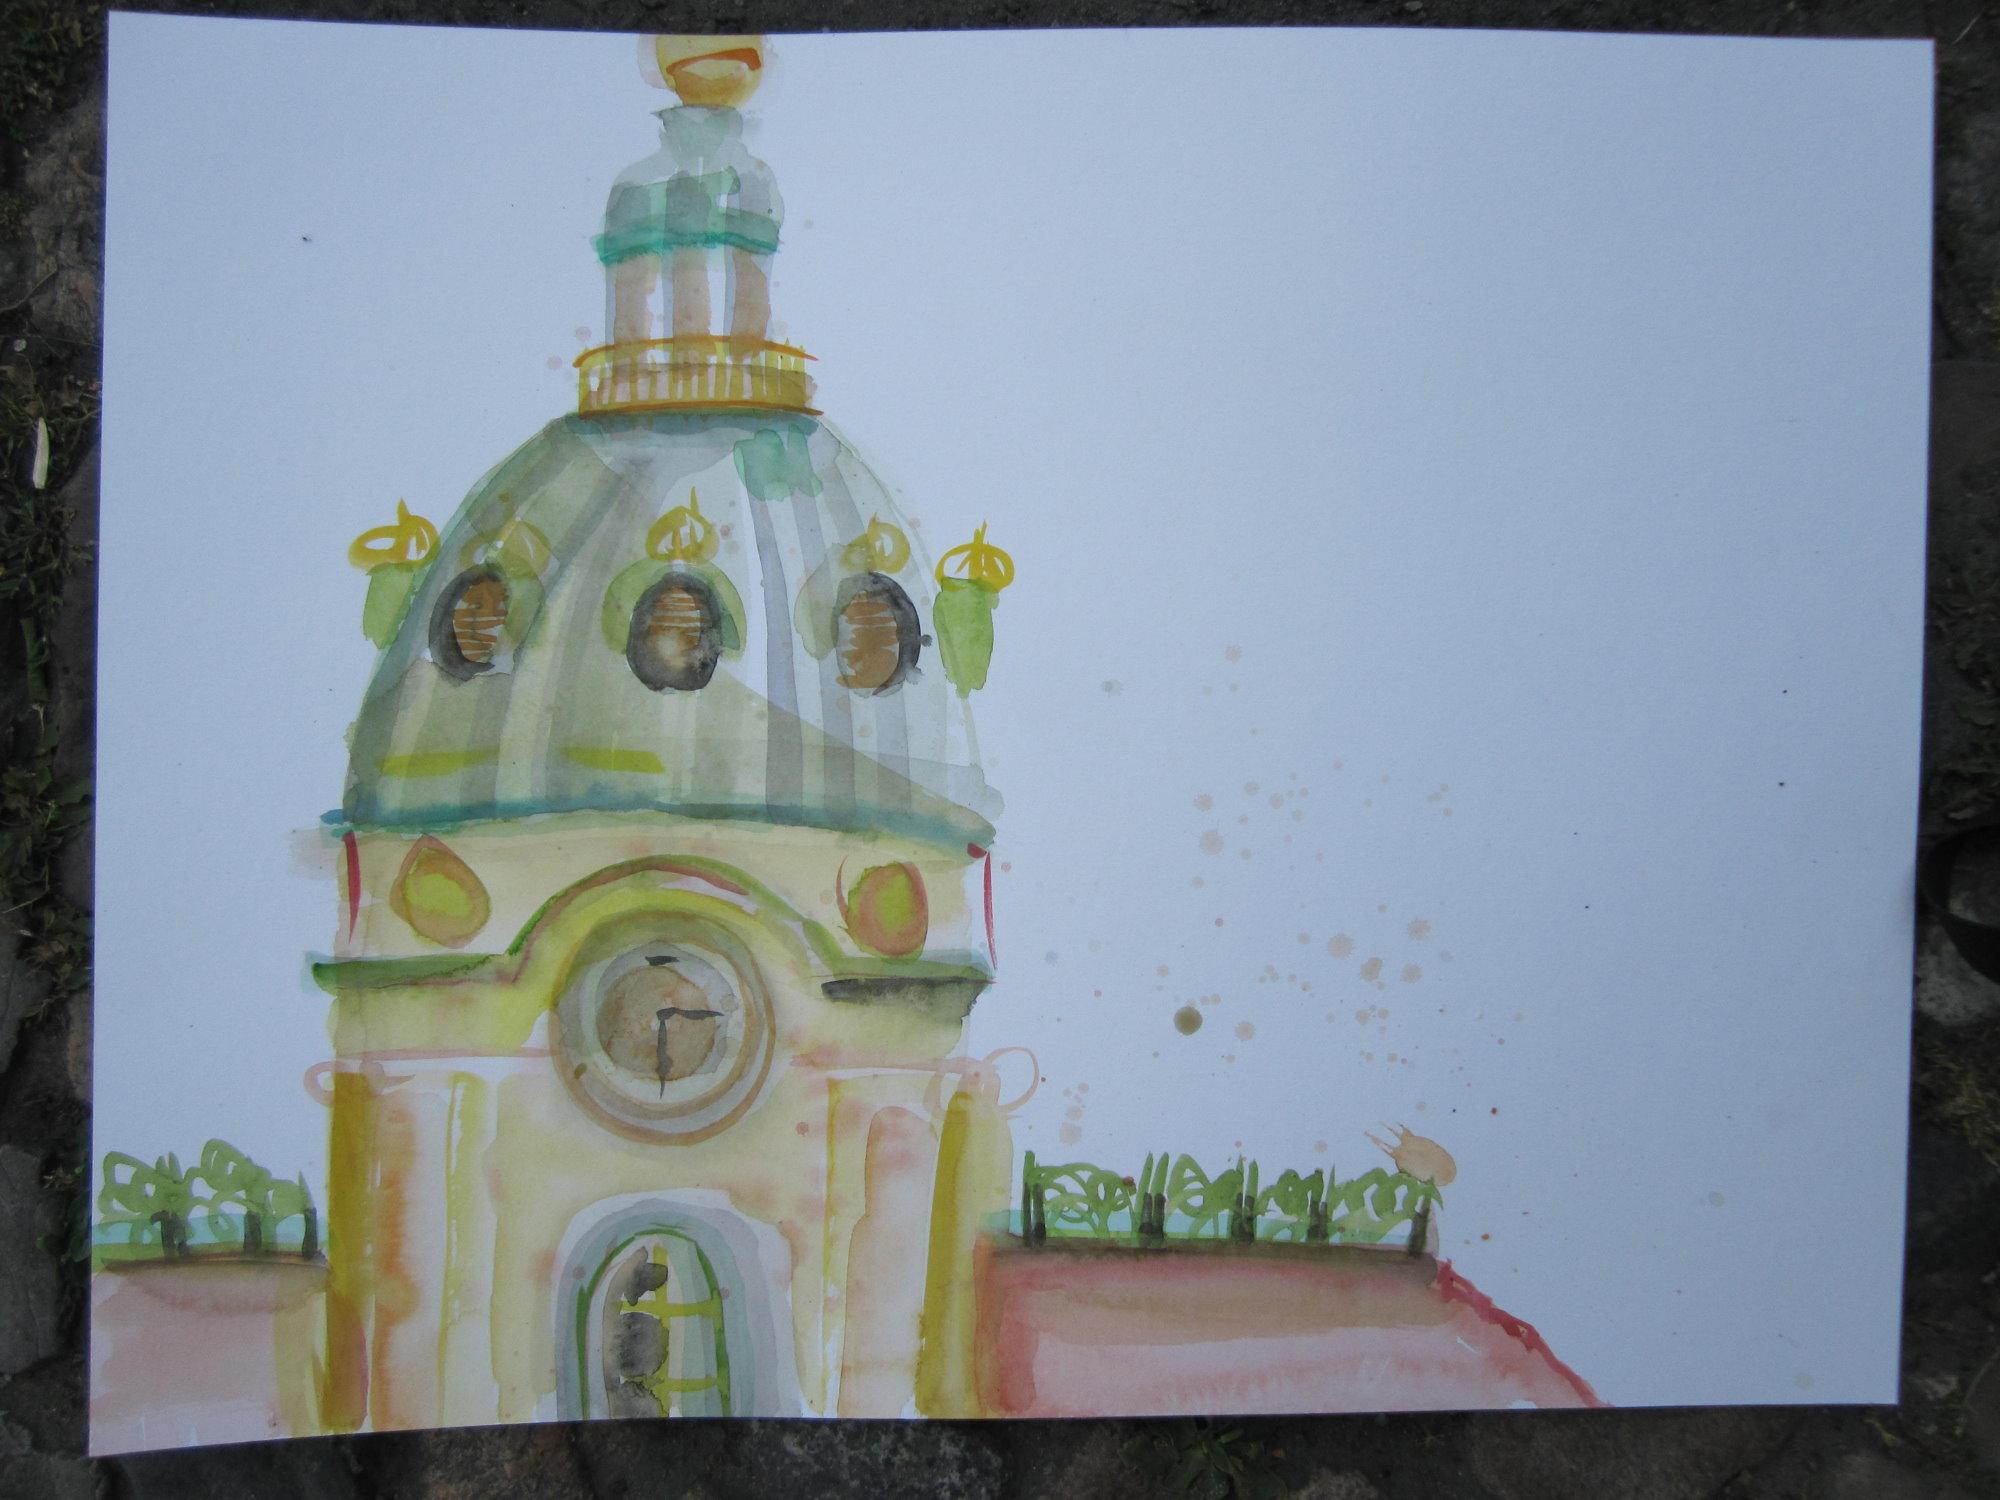 3. Anlage Schloss Charlottenburg - Aquarell von Susanne Haun auf Hahnemühle Leonardo 50 x 70 cm